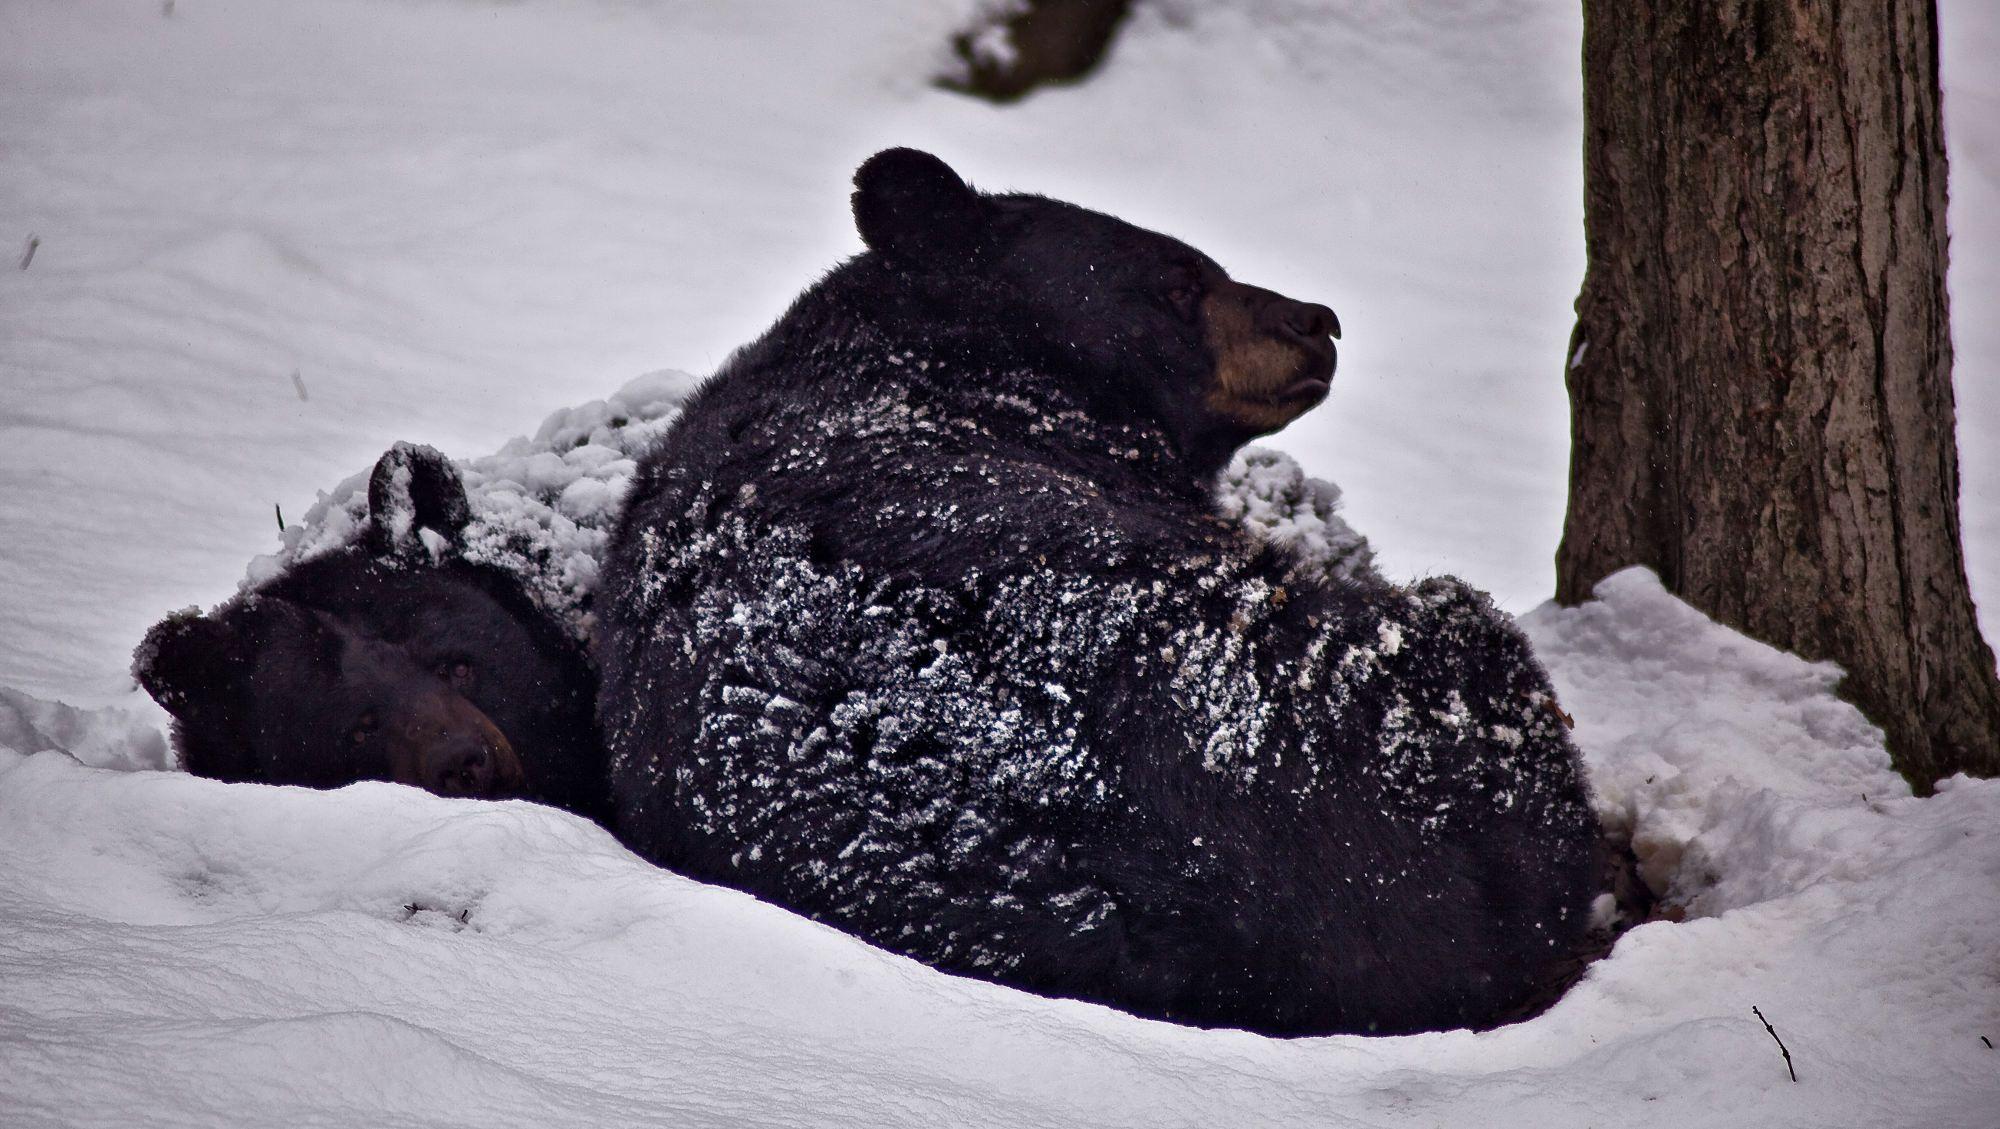 Jakie Zwierzaki Zasypiają Na Zimę Sen Zimowy Czy Hibernacja